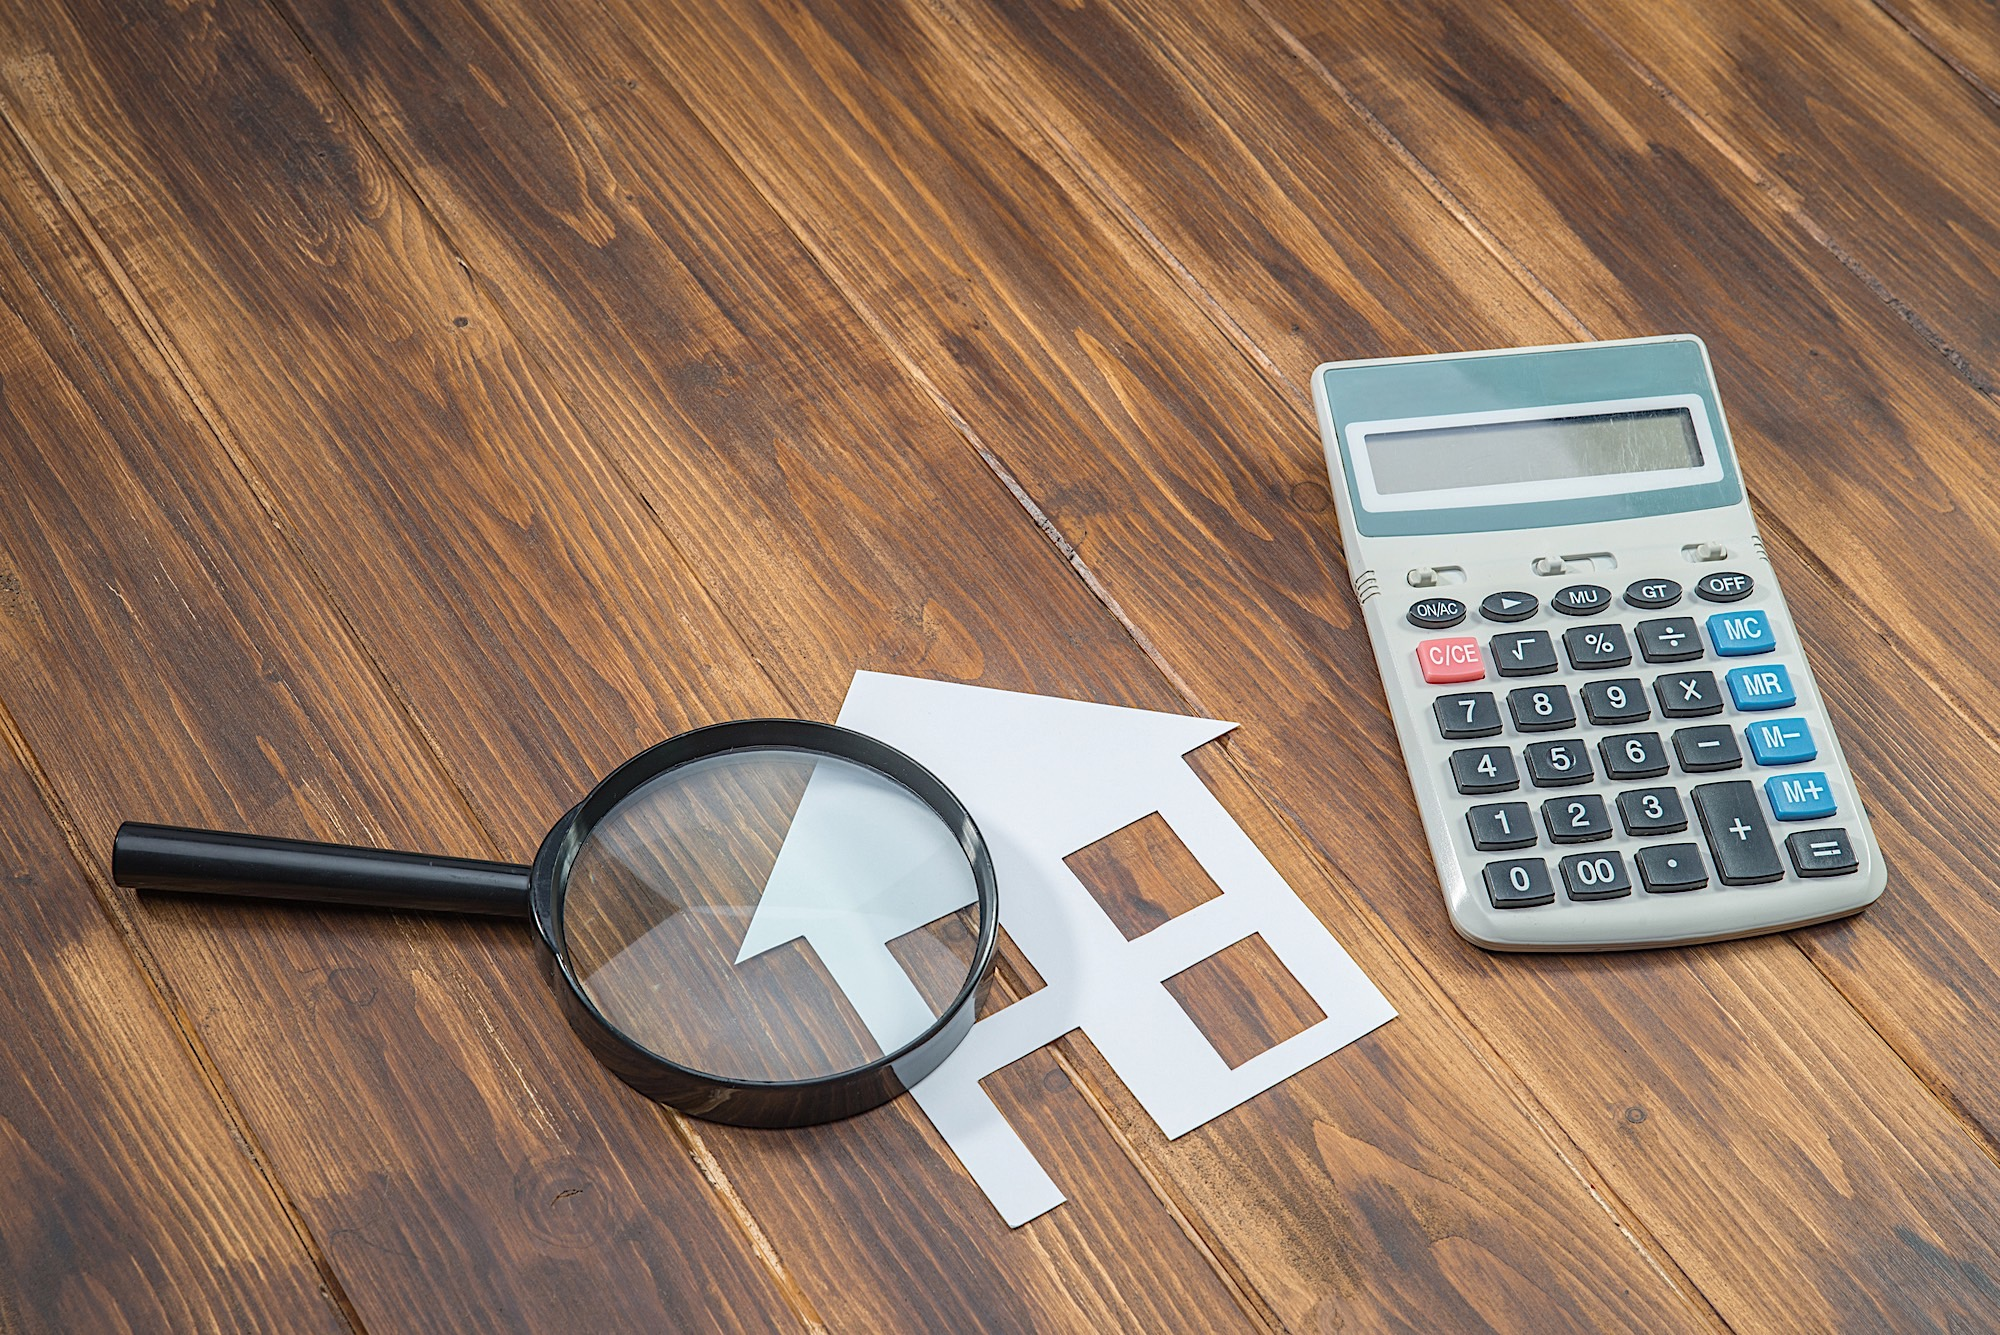 ипотечный калькулятор картинка крема шантильи